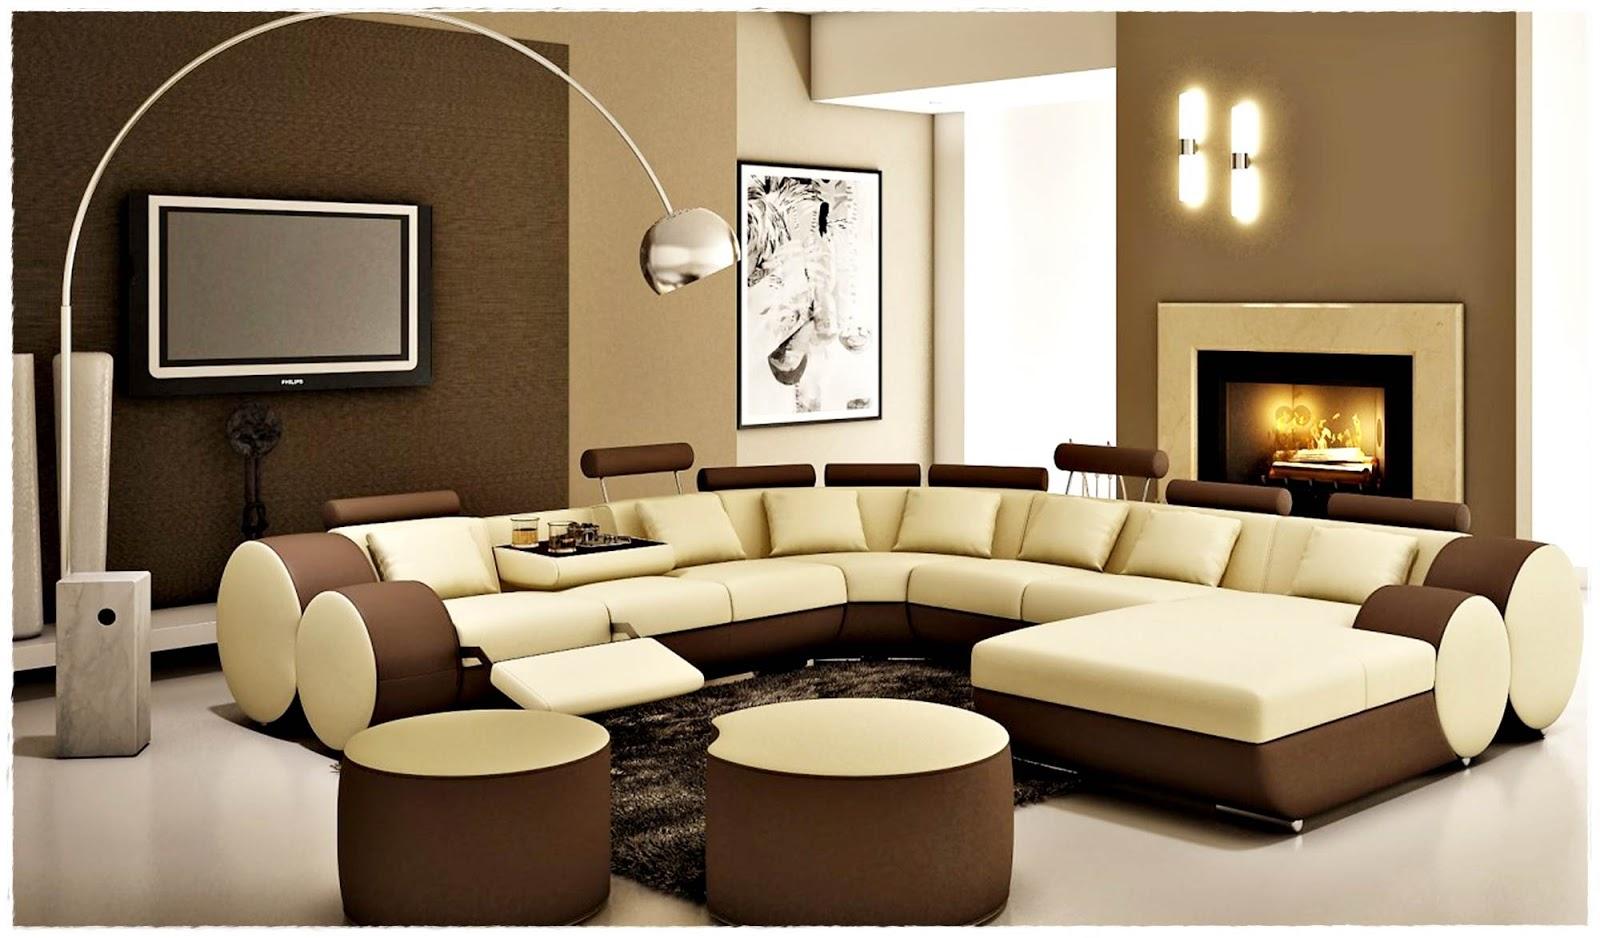 Wohnzimmer Design Farben | Wohnzimmer Gestalten Ideen Farben Wohn Design